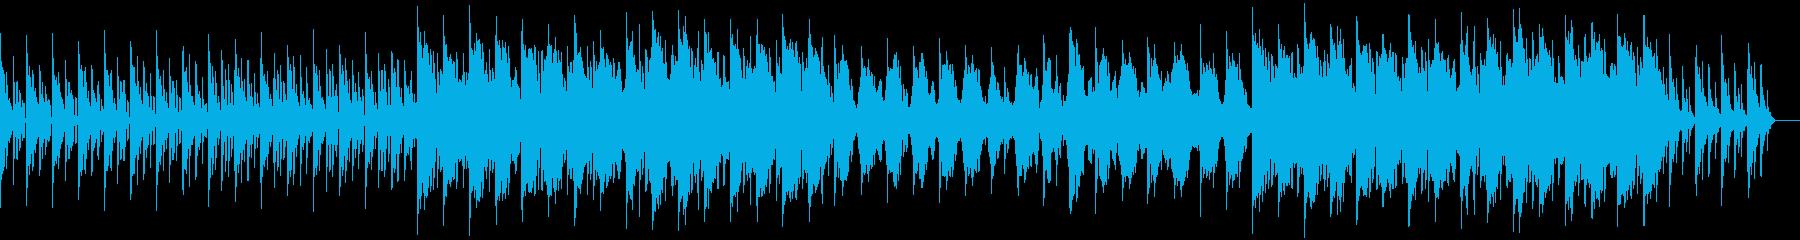 エンディング、バットエンドなど悲しい曲の再生済みの波形